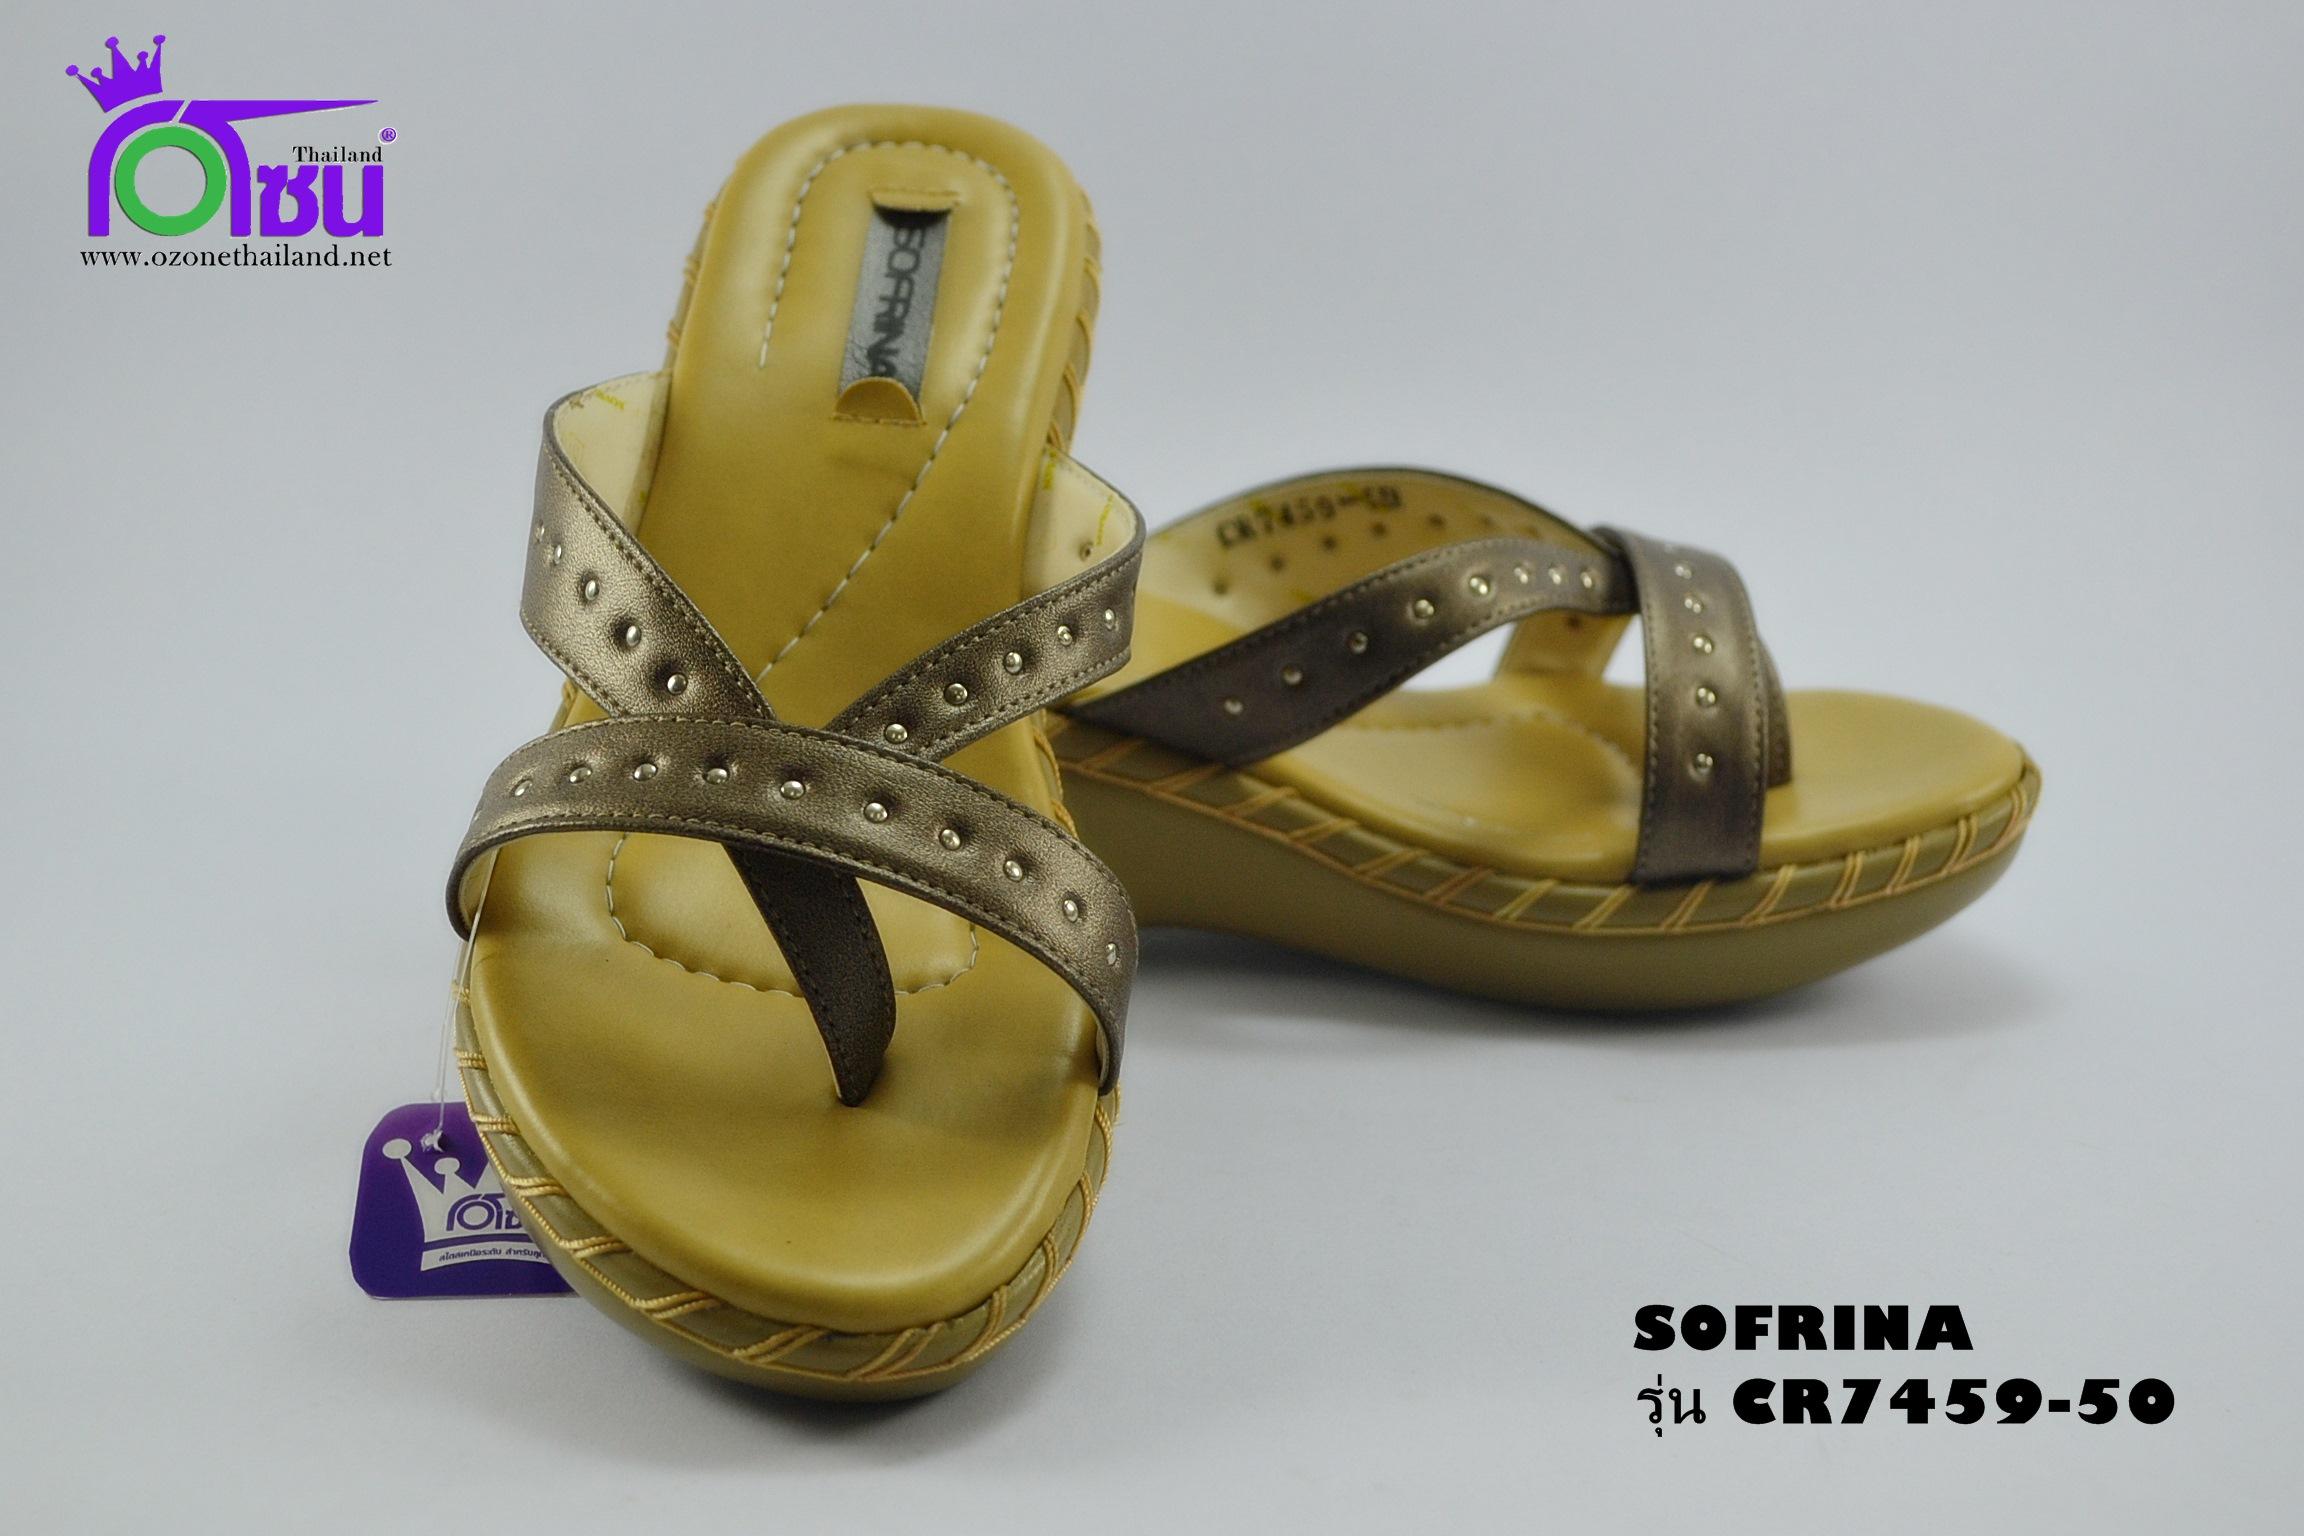 รองเท้าแฟชั่น (PU)หญิง รุ่นCR7459-50 เบอร์ 36-40 สีเทา